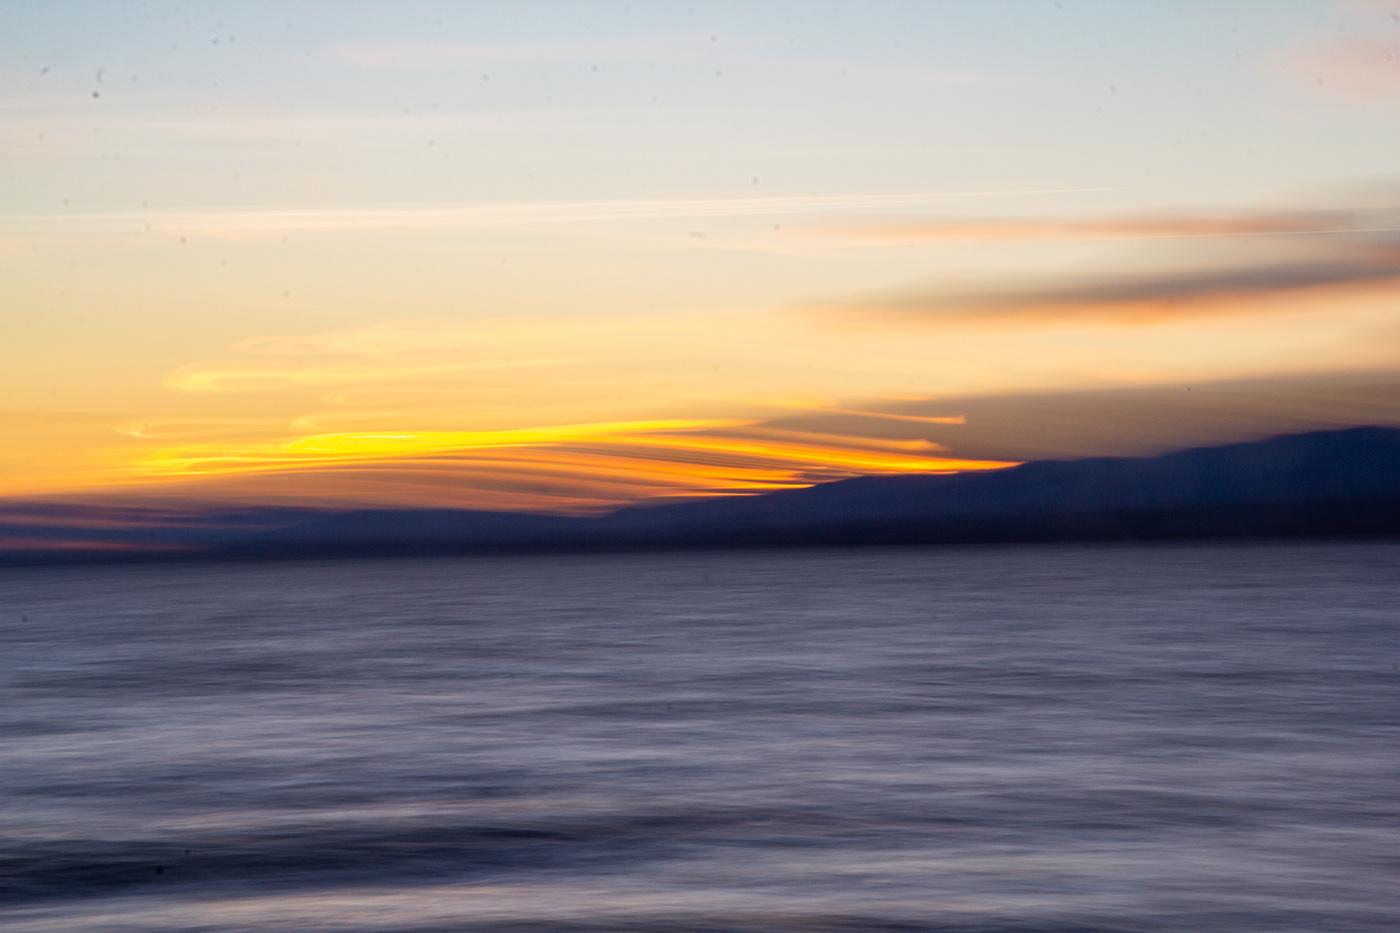 Sunset at the Lake Léman, Switzerland